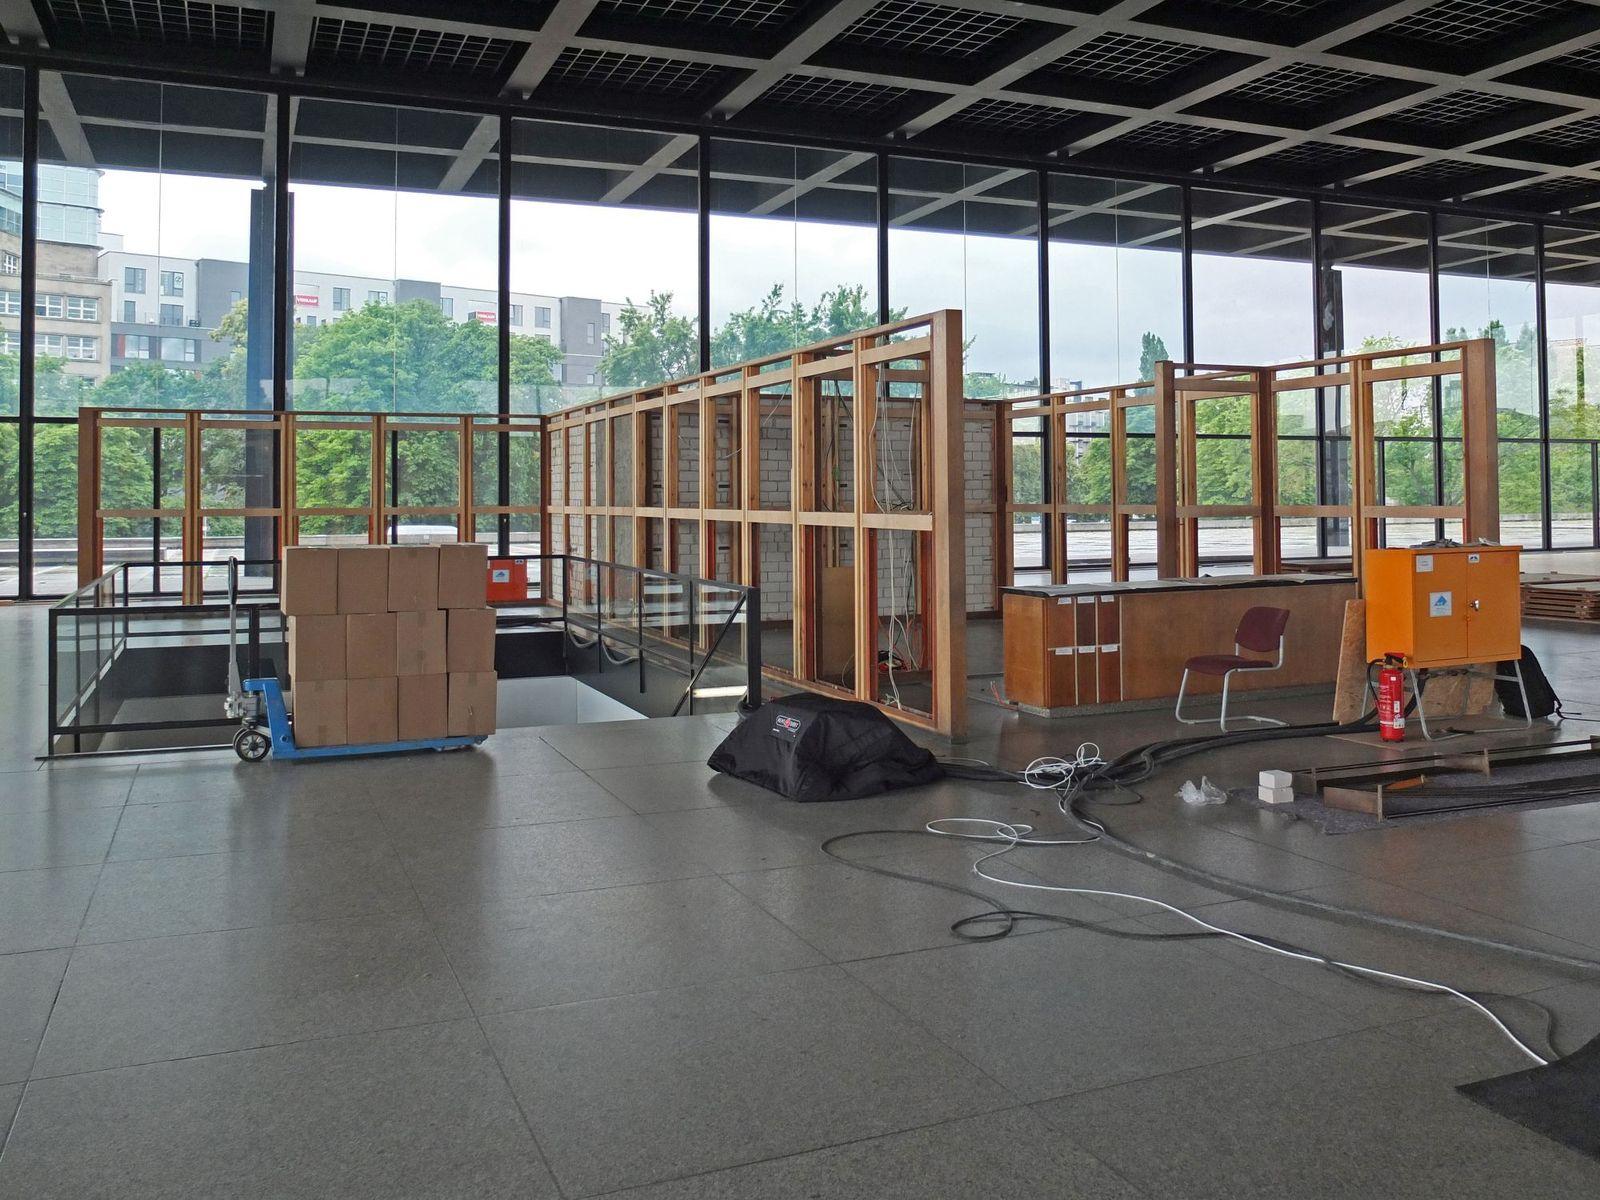 Die obere Halle der Neuen Nationalgalerie während der Demontagearbeiten. Foto: schmedding.vonmarlin